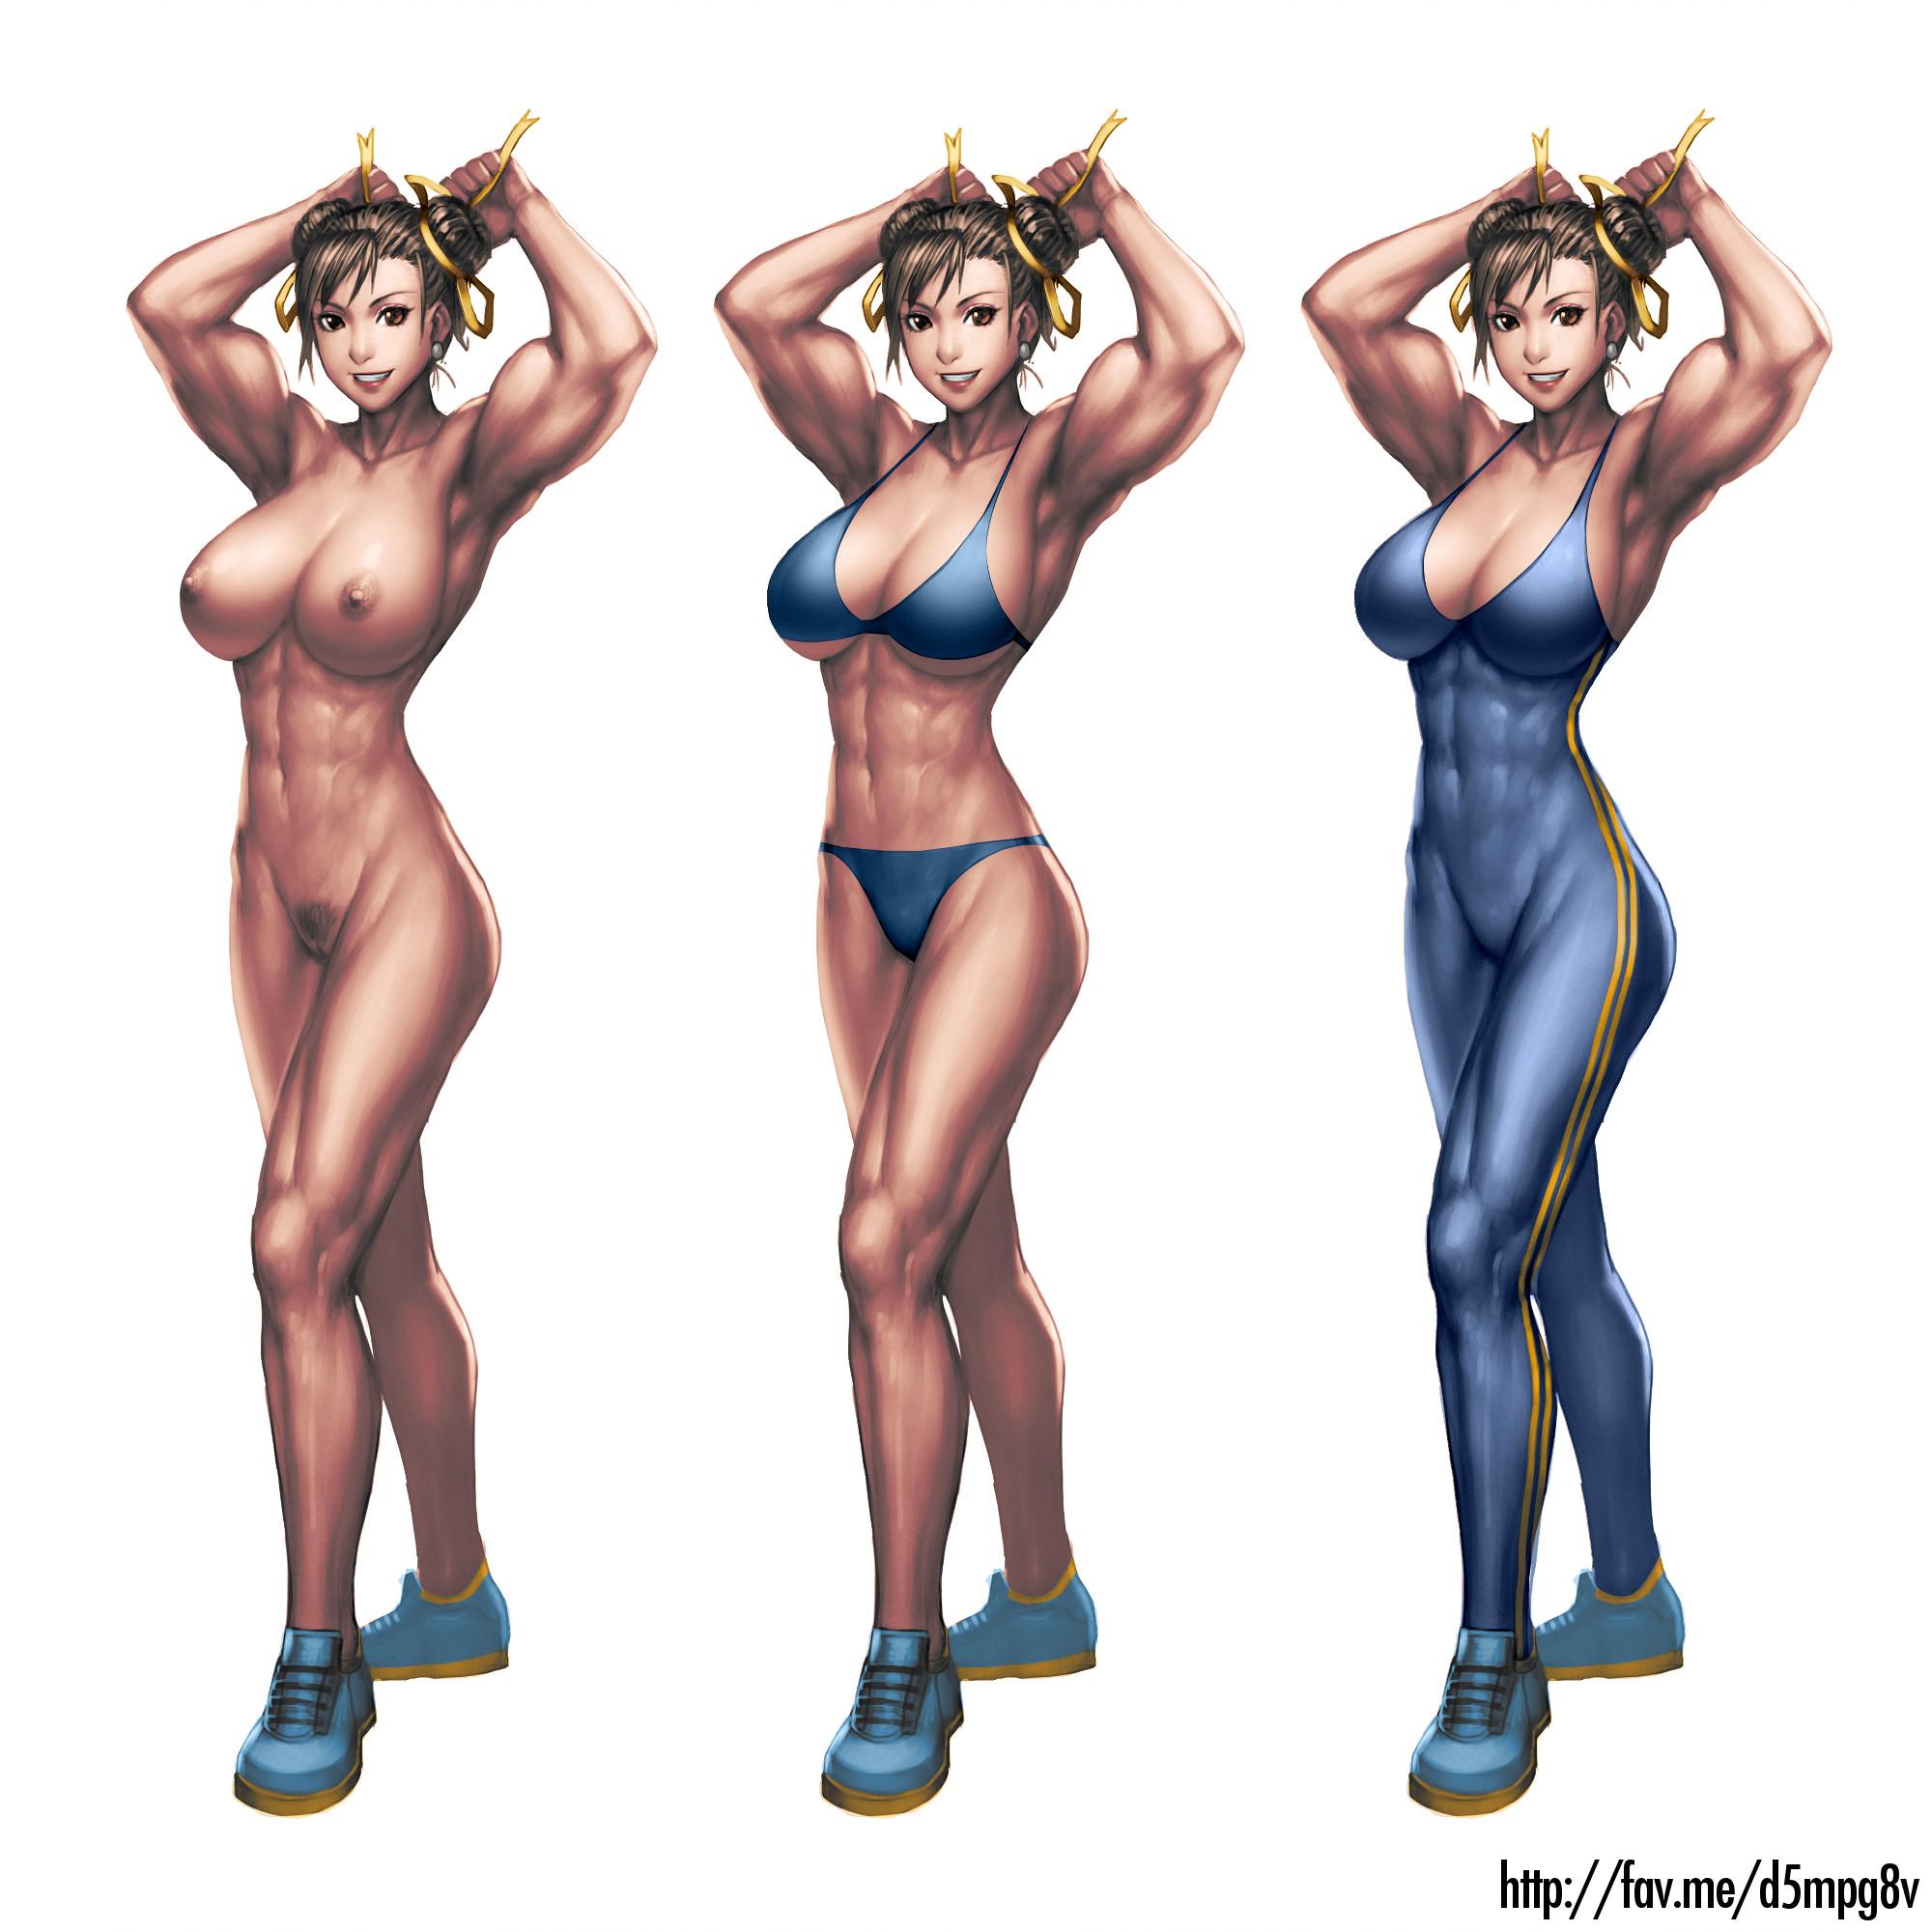 Gallery chun li erotic